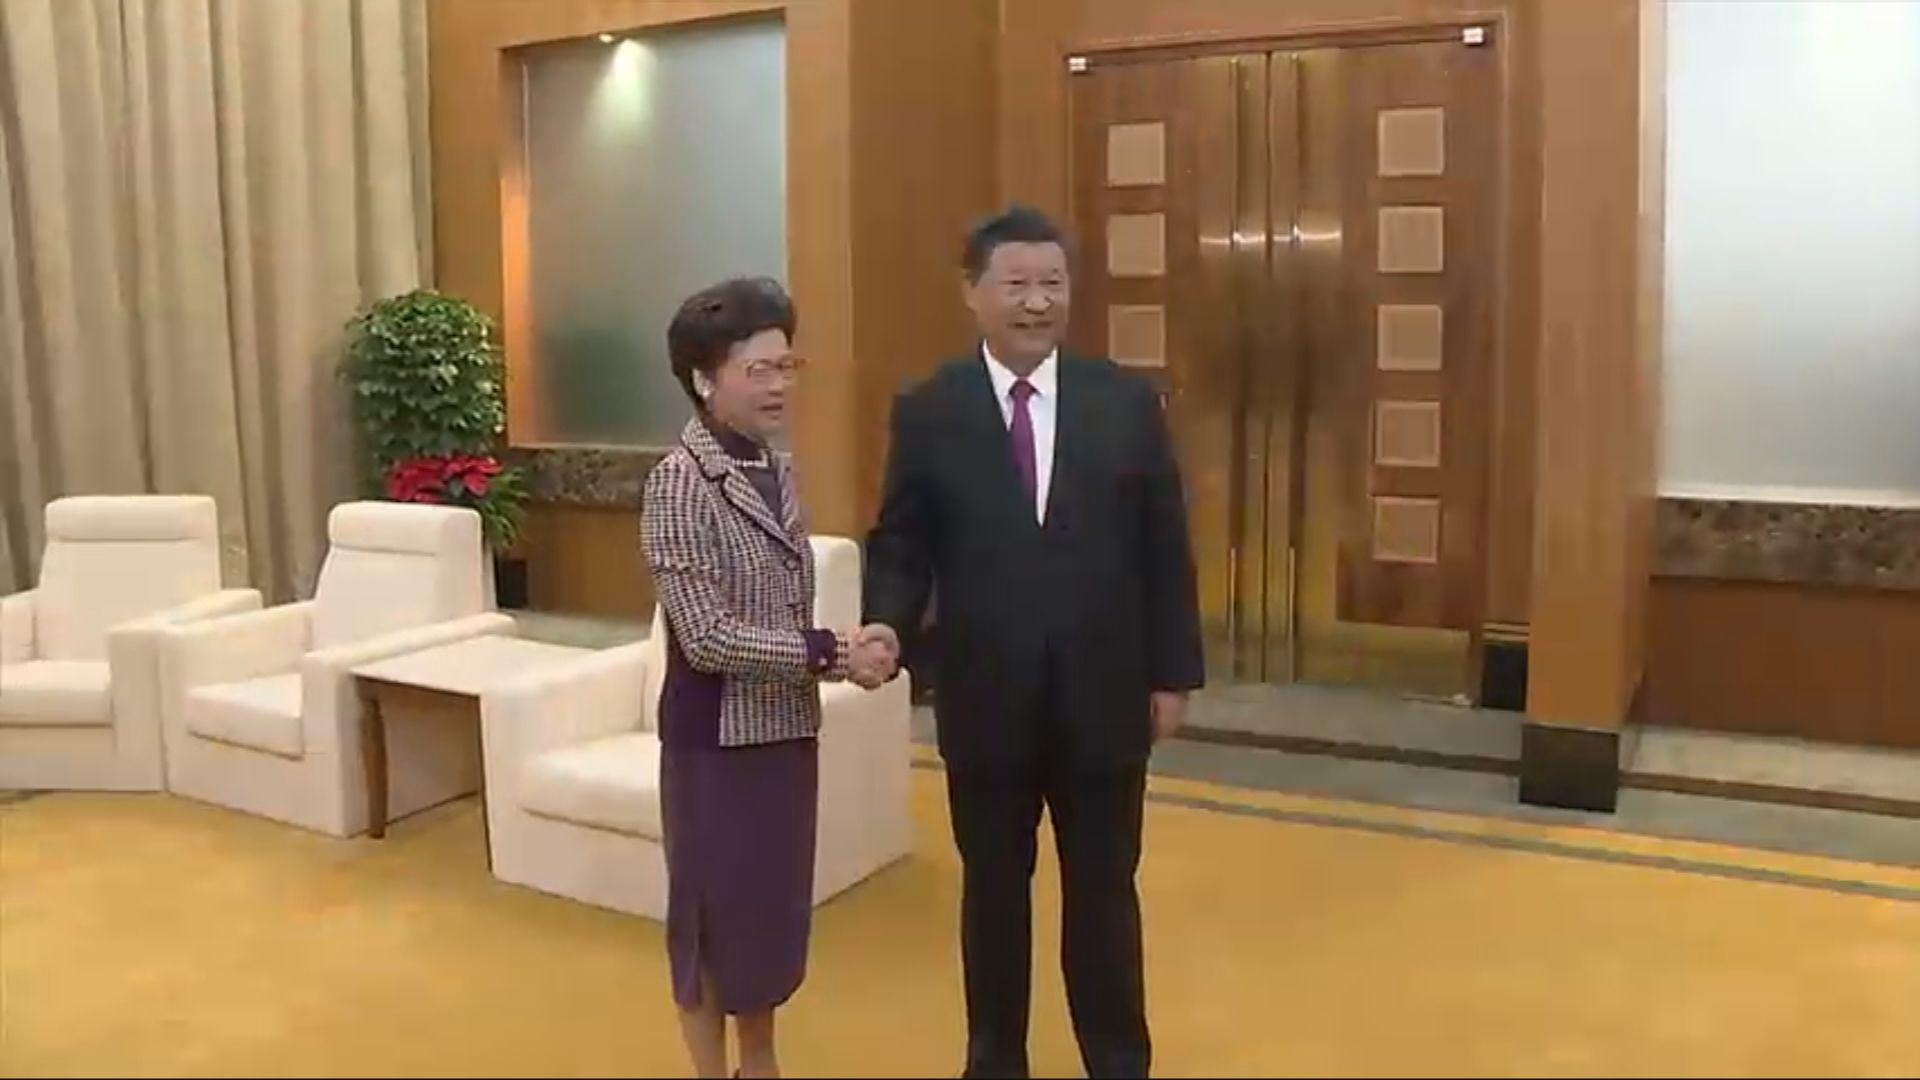 習近平冀特區政府各部門密切配合把香港事辦好